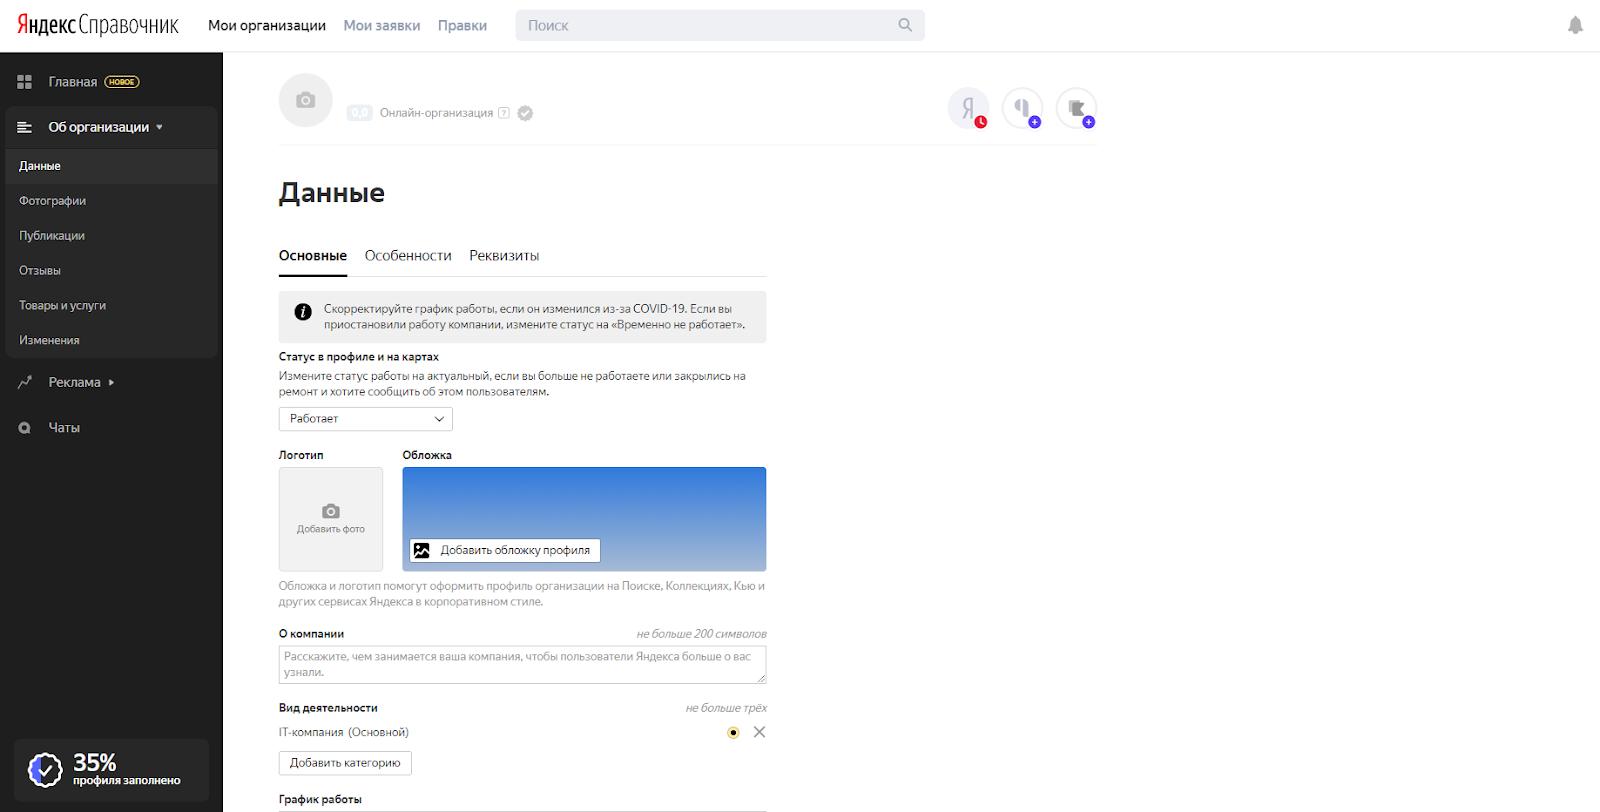 Добавление нового сайта в Яндекс.Справочник